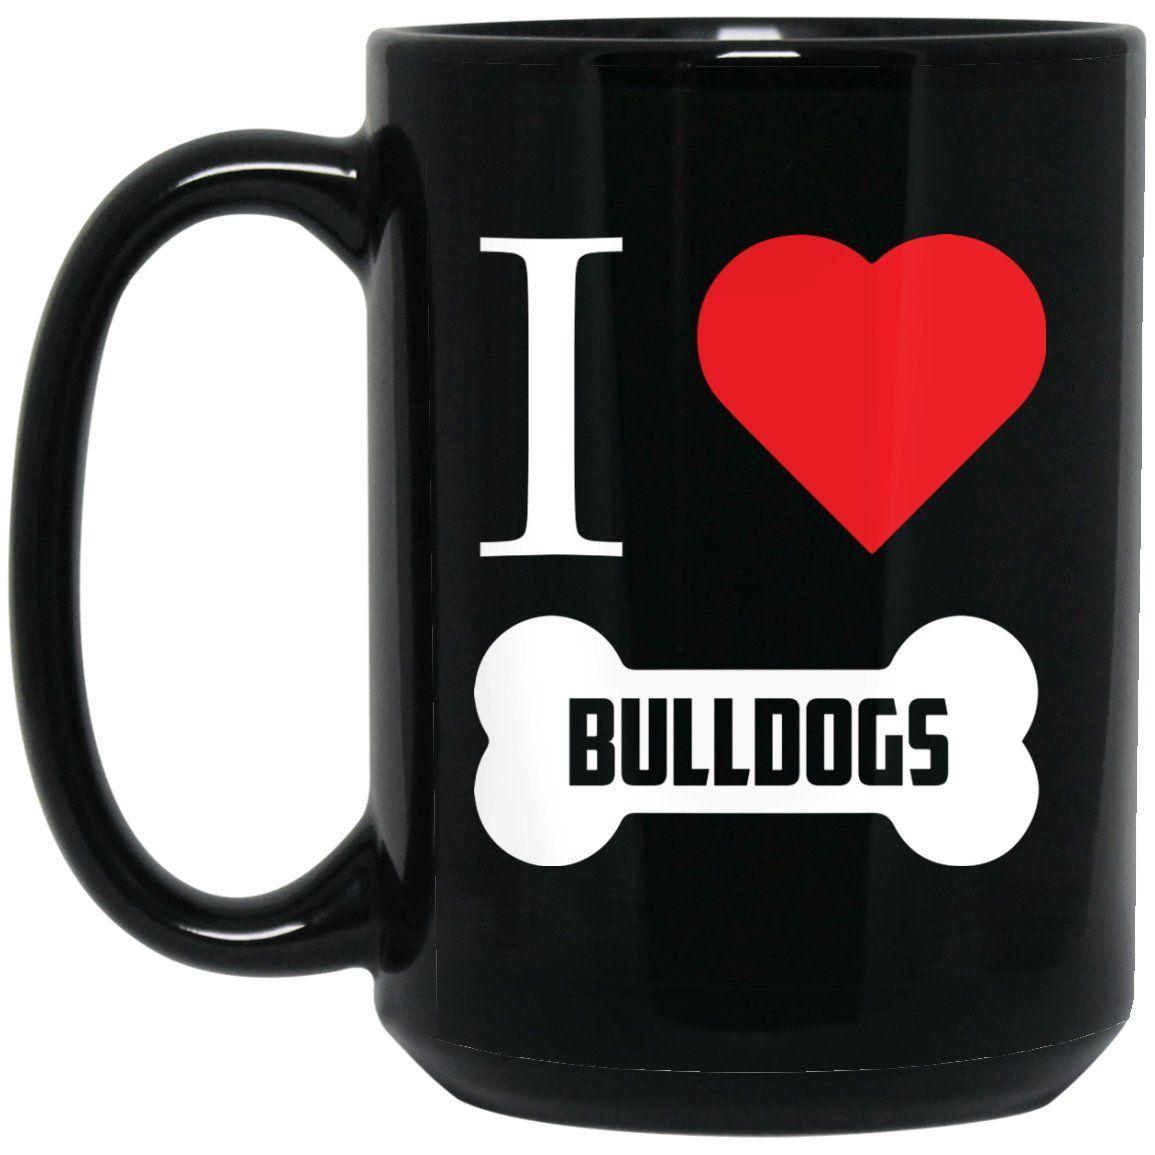 Funny Bulldog Mug - I Heart Bulldogs Bone Large Black Mug #funnybulldog